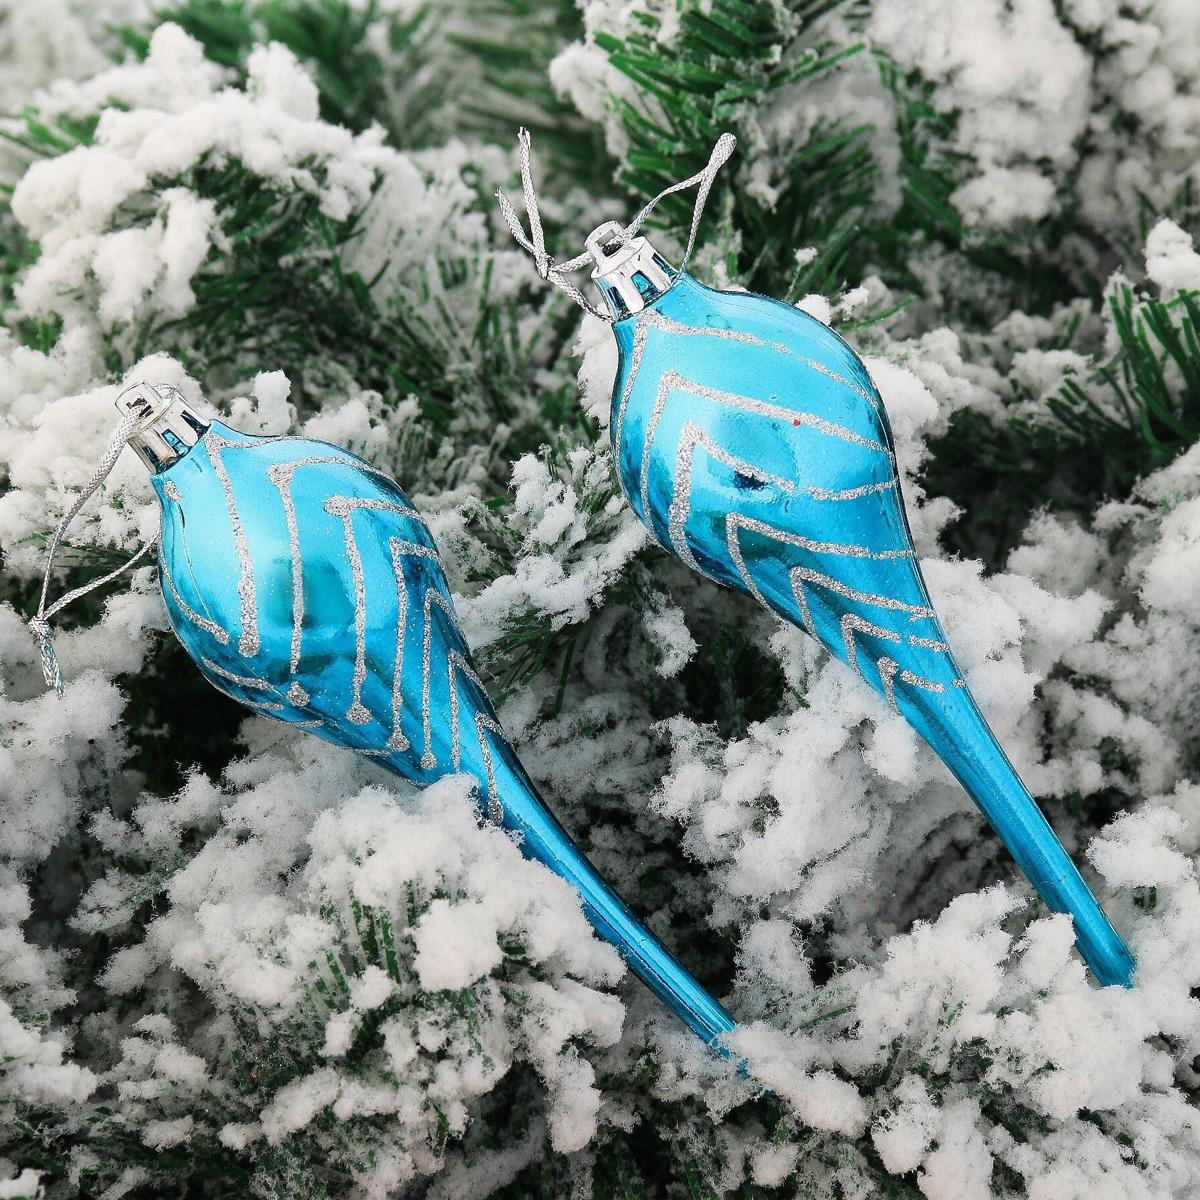 Набор новогодних подвесных украшений Сосульки, 14 х 4 см, 6 шт2123065Набор новогодних подвесных украшений отлично подойдет для декорации вашего дома и новогодней ели. С помощью специальной петельки украшение можно повесить в любом понравившемся вам месте. Но, конечно, удачнее всего оно будет смотреться на праздничной елке.Елочная игрушка - символ Нового года. Она несет в себе волшебство и красоту праздника. Такое украшение создаст в вашем доме атмосферу праздника, веселья и радости.